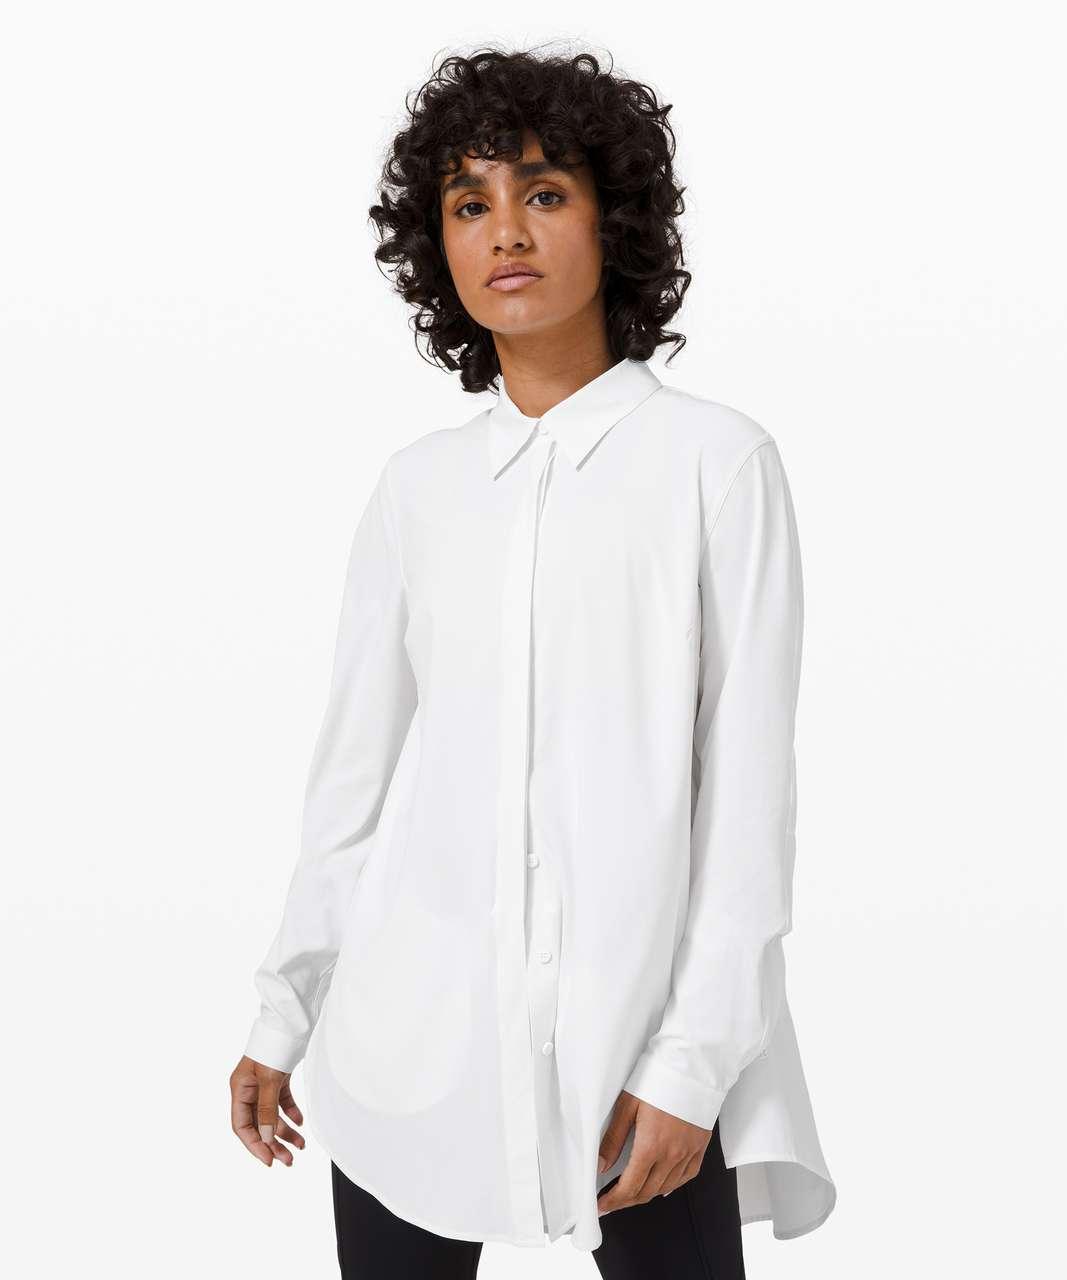 Lululemon In the Moment Shirt - White